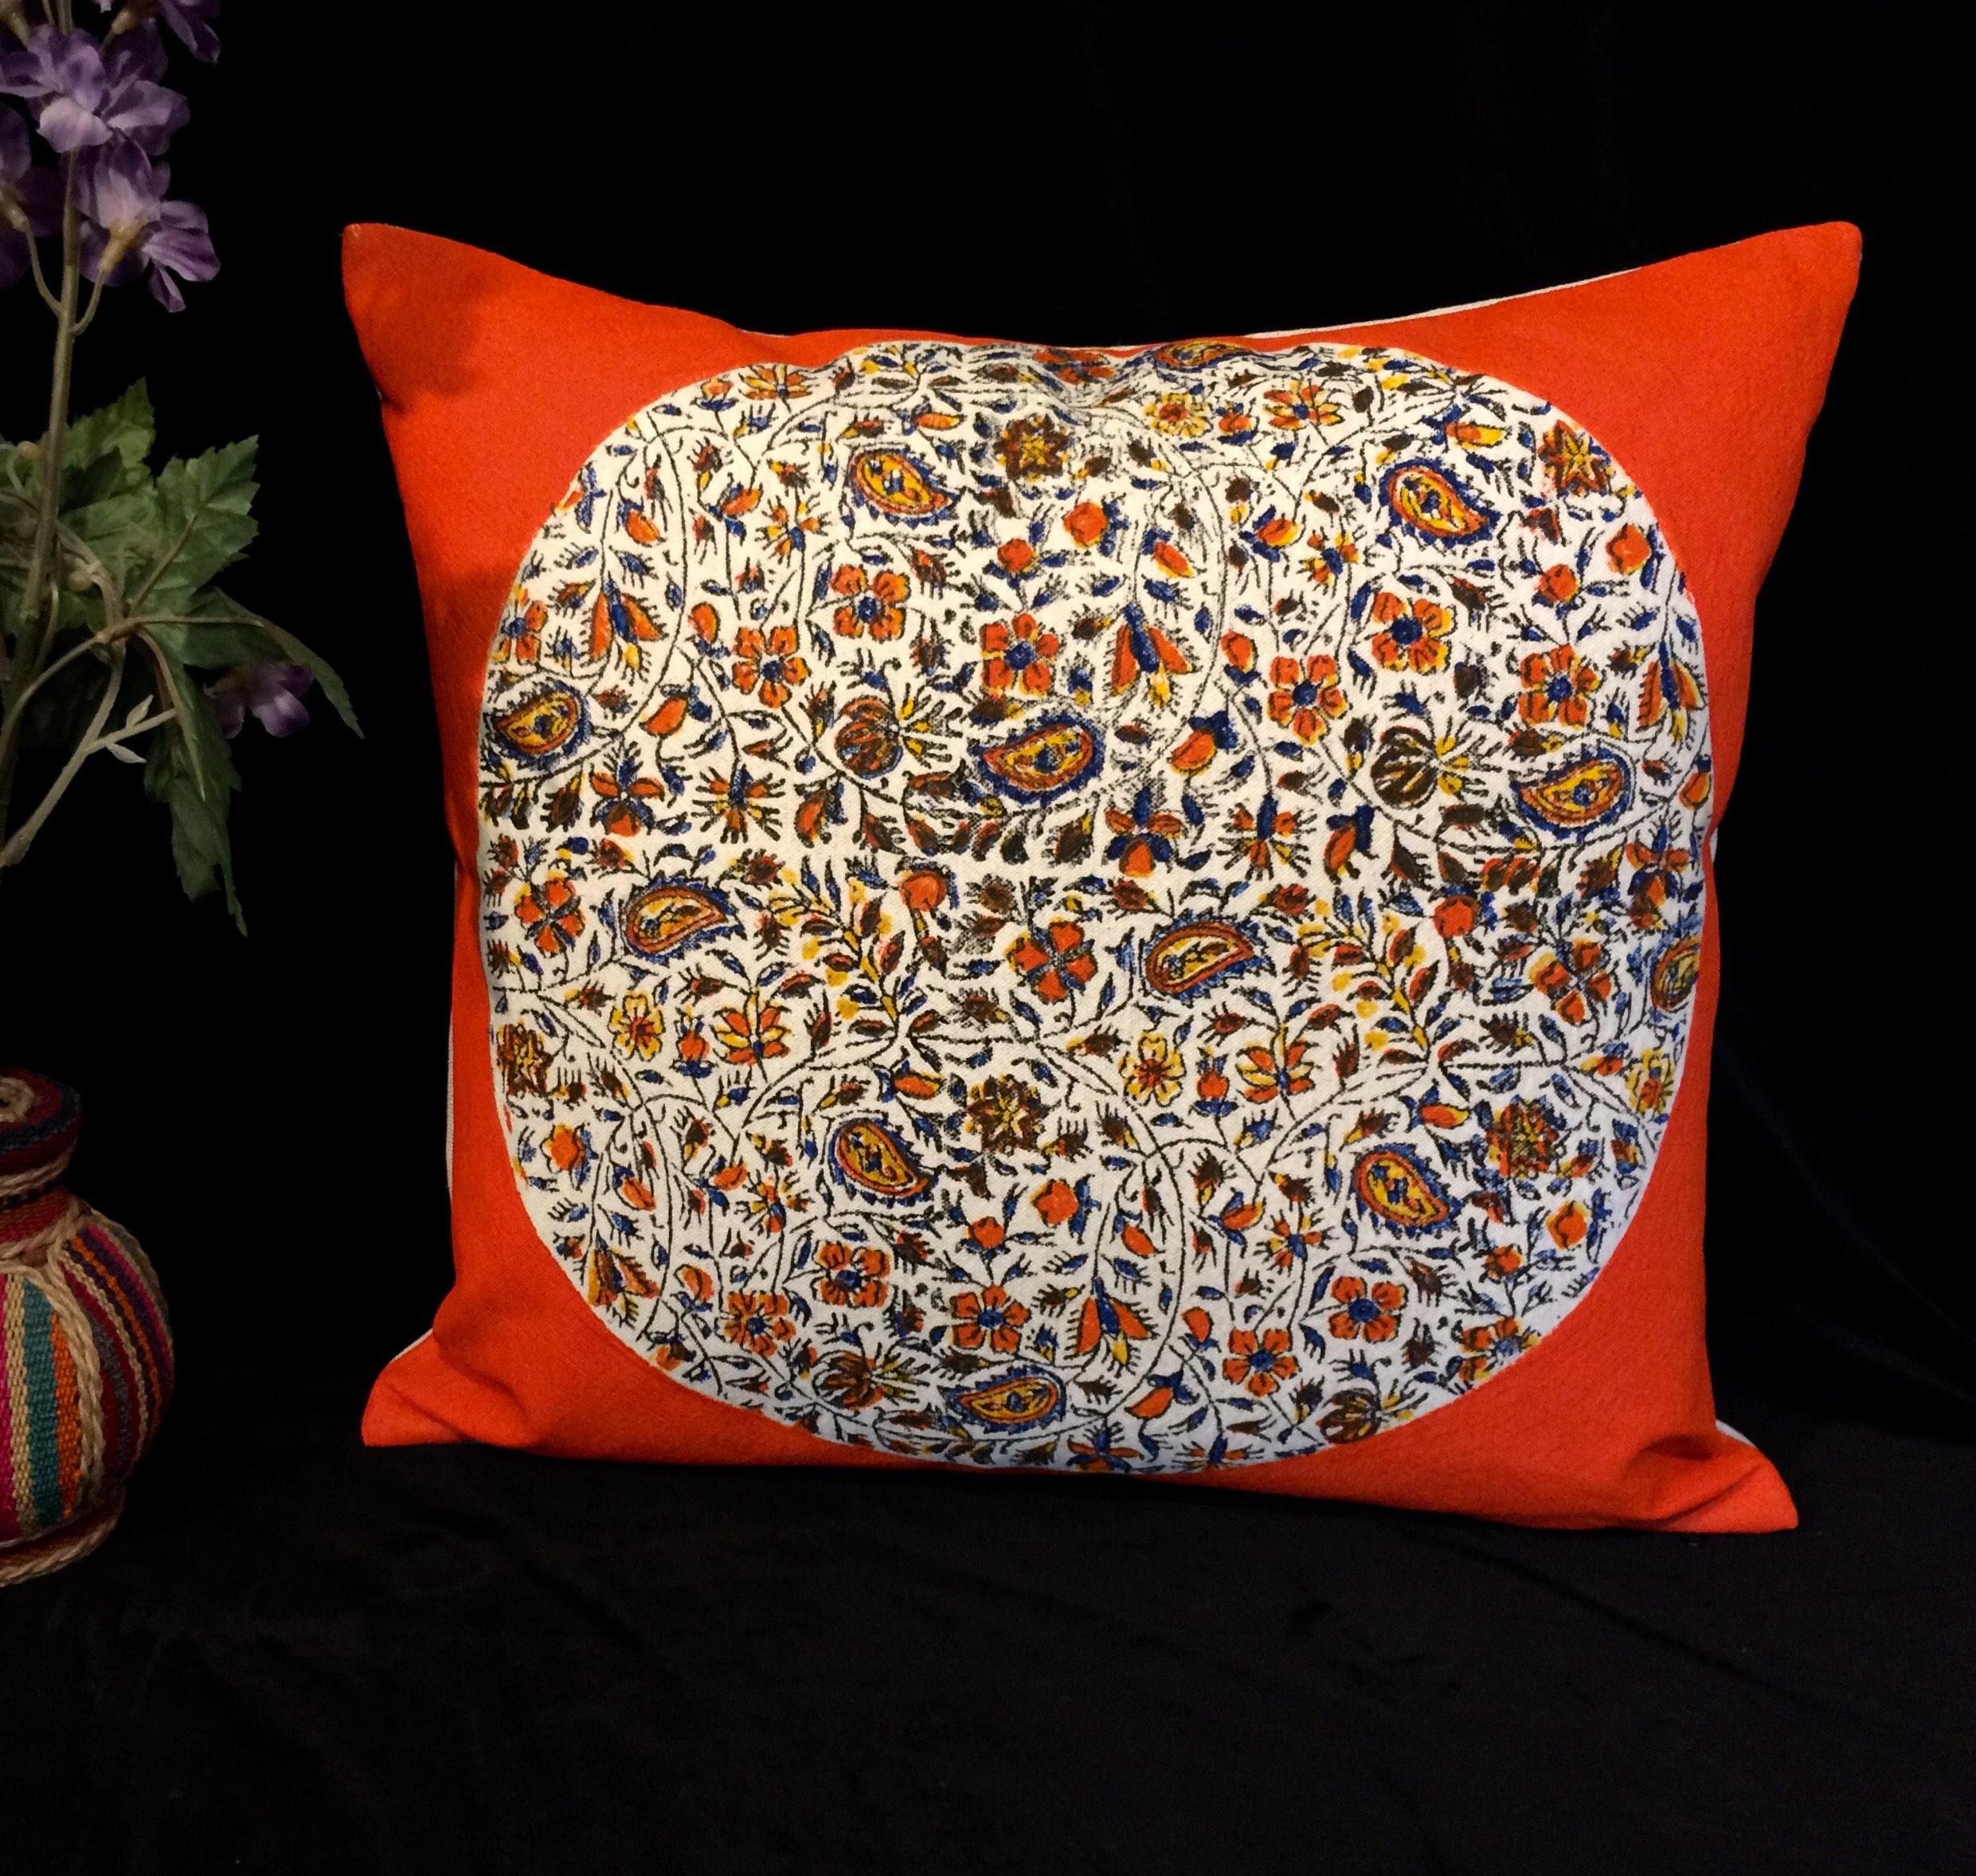 Modern Pillow Case Designs : Modern orange pillow case dresses , washed linen, flower pillows,linen throw, orange flowers ...